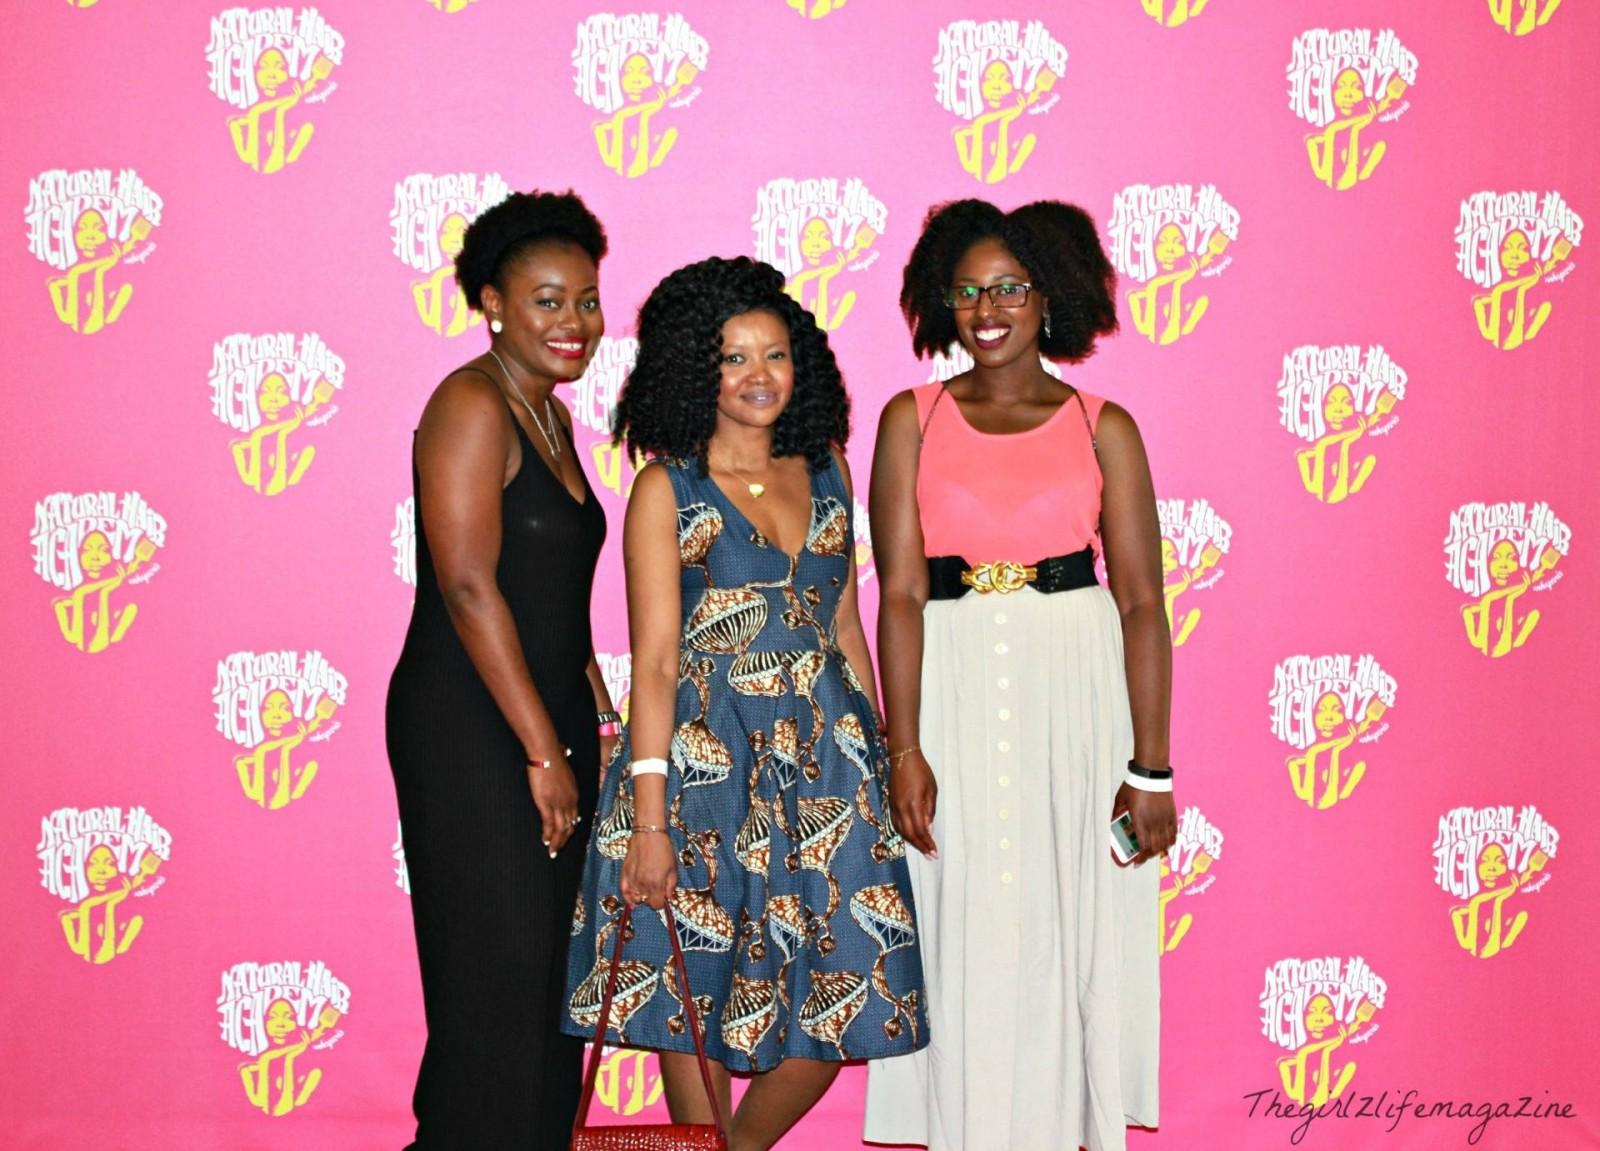 La Natural Hair Academy 2016: ou comment célébrer la femme noire!